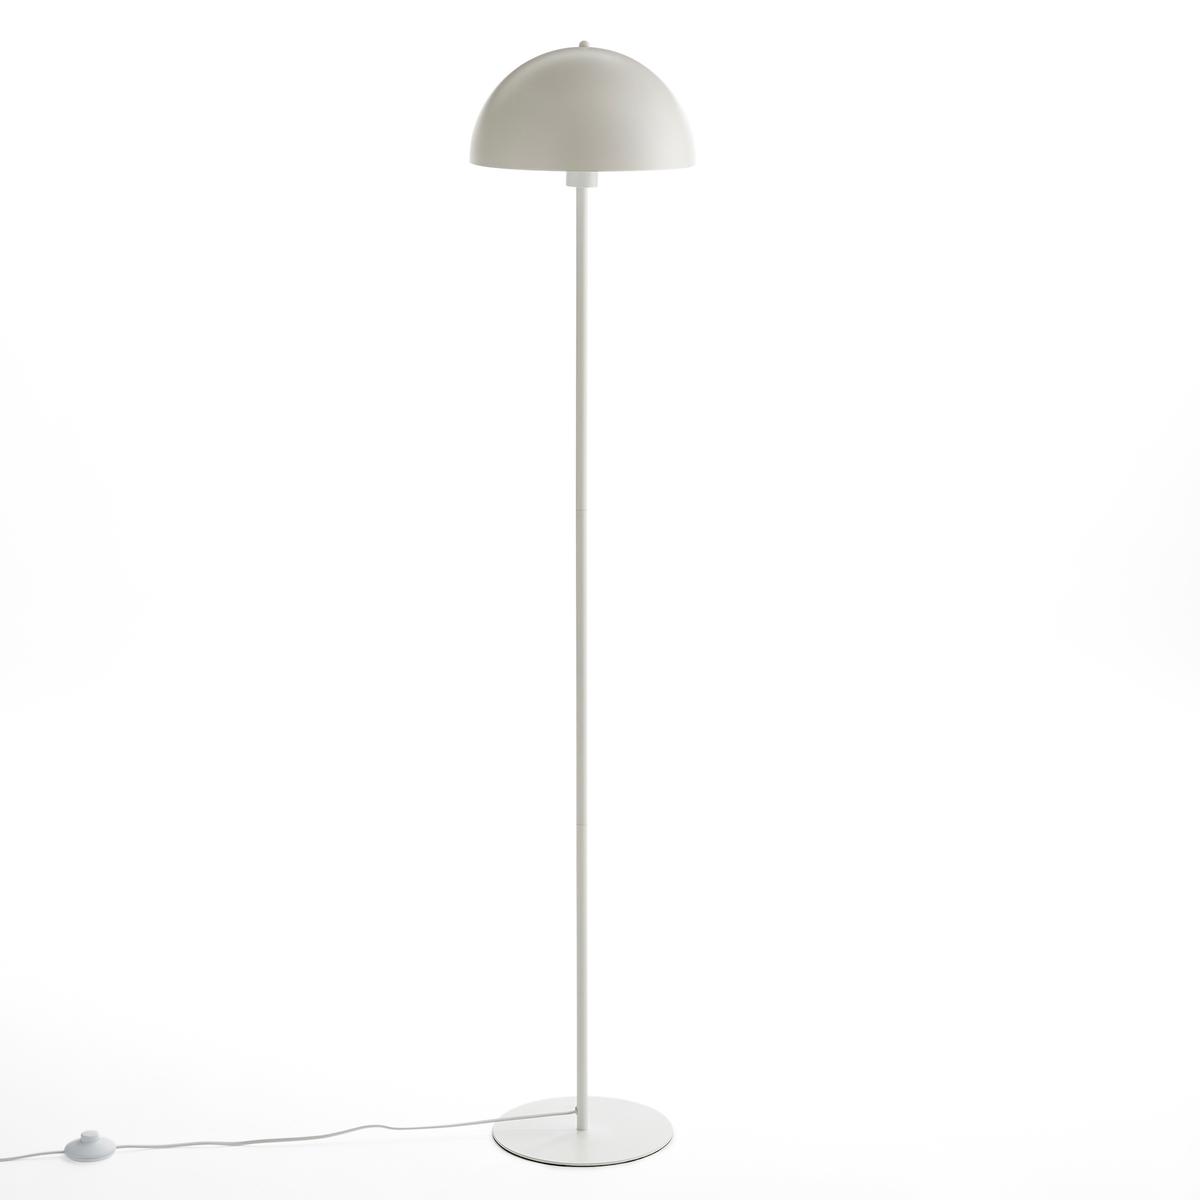 Лампа напольная из металла, CAPIОписание:Напольная лампа из металла CAPI. Самый современный дизайн.Описание напольной лампы CAPI :Патрон E27 для флуокомпактной лампы макс. 15 Вт (продается отдельно). Совместима с лампой класса энергопотребления AХарактеристики напольной лампы CAPI :Из металла, покрытие матовым эпоксидным лакомВсю коллекцию светильников вы можете найти на сайте laredoute.ruРазмеры напольной лампы CAPI :Высота : 150 см. Диаметр : 30 см<br><br>Цвет: белый